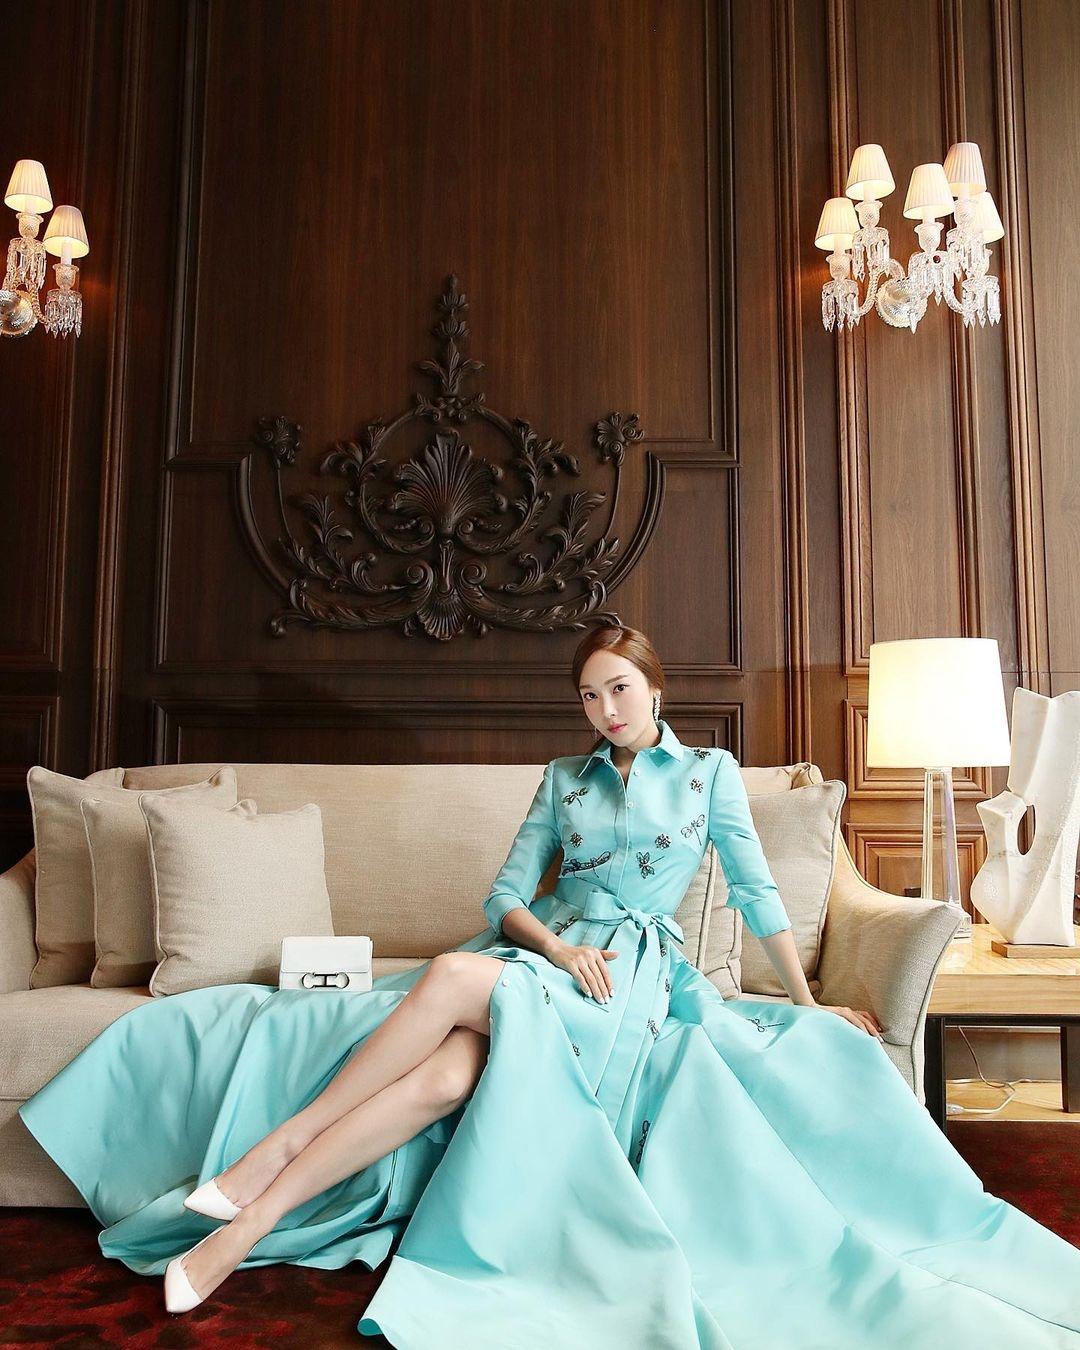 跨年這樣穿直接被秒讚!偷師JESSICA鄭秀妍連身穿搭3技巧,讓人眼睛為之一亮呀